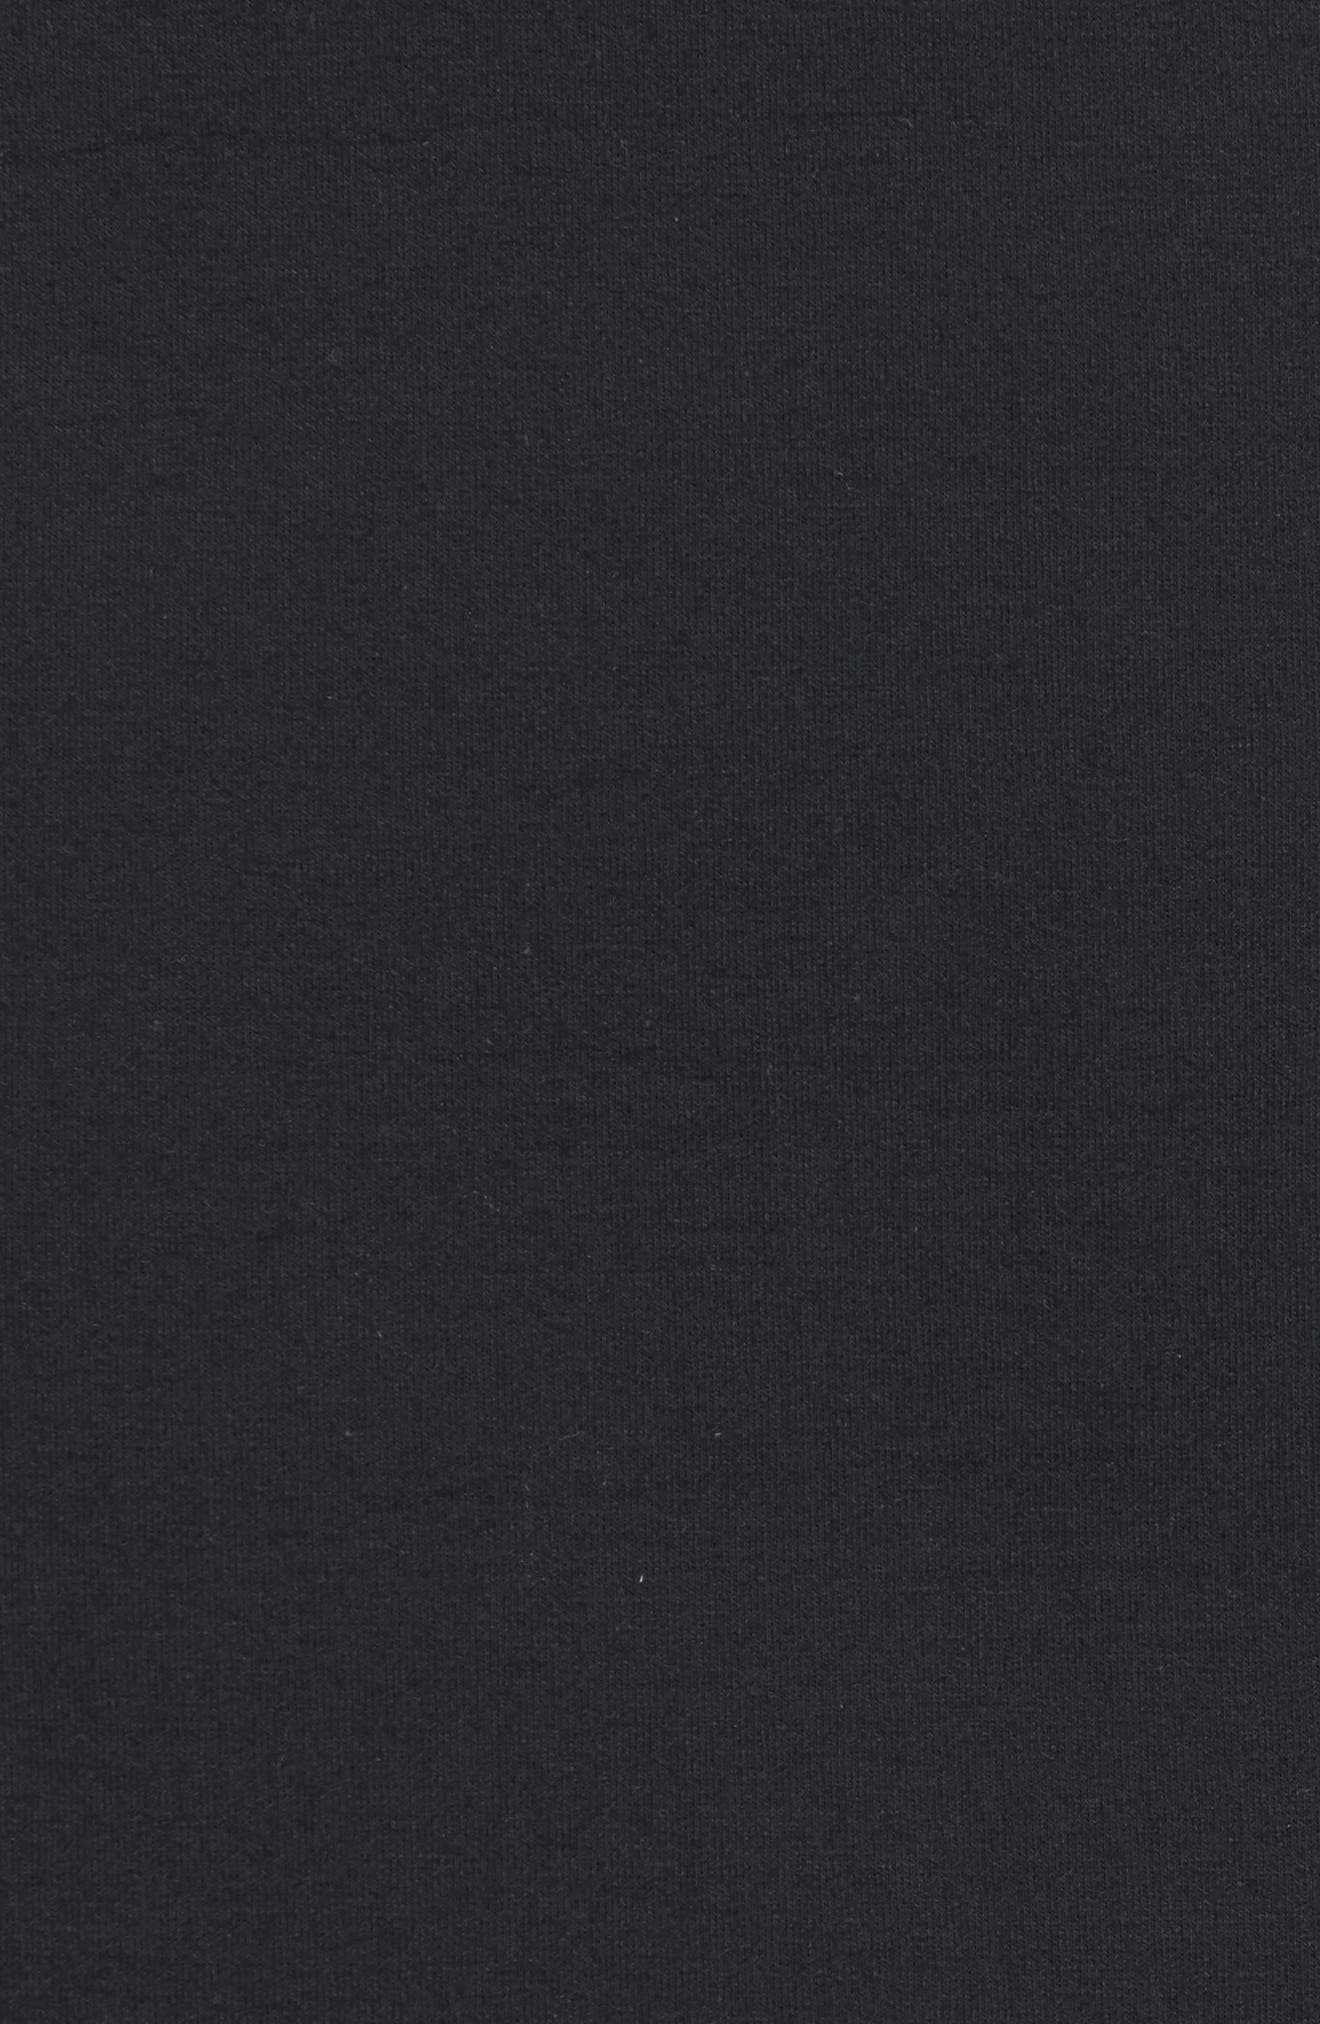 Side Zip Neoprene Skirt,                             Alternate thumbnail 5, color,                             Black